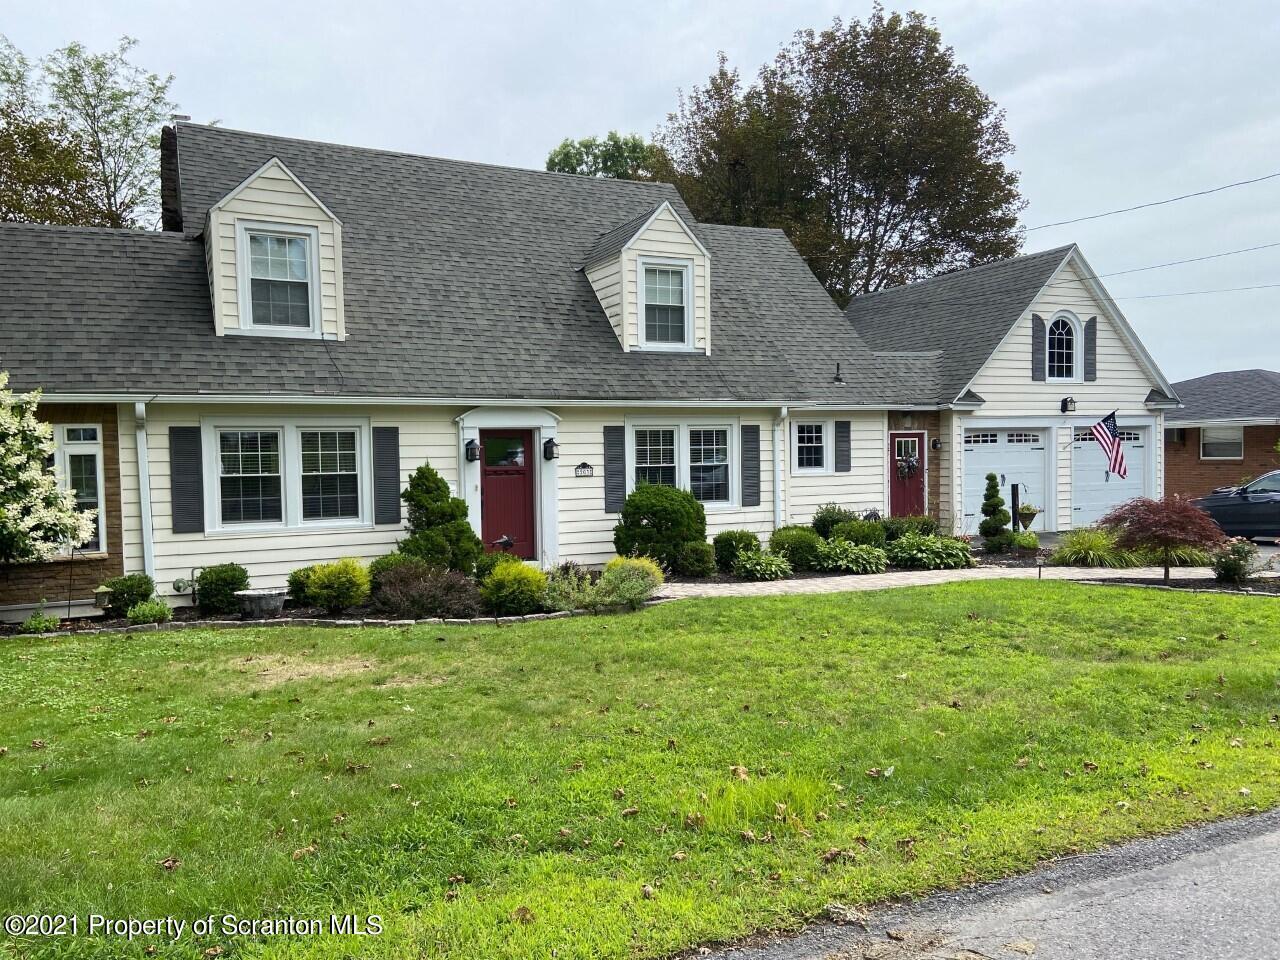 203 Laurel Ln, Clarks Summit, Pennsylvania 18411, 3 Bedrooms Bedrooms, 8 Rooms Rooms,2 BathroomsBathrooms,Single Family,For Sale,Laurel,21-3478